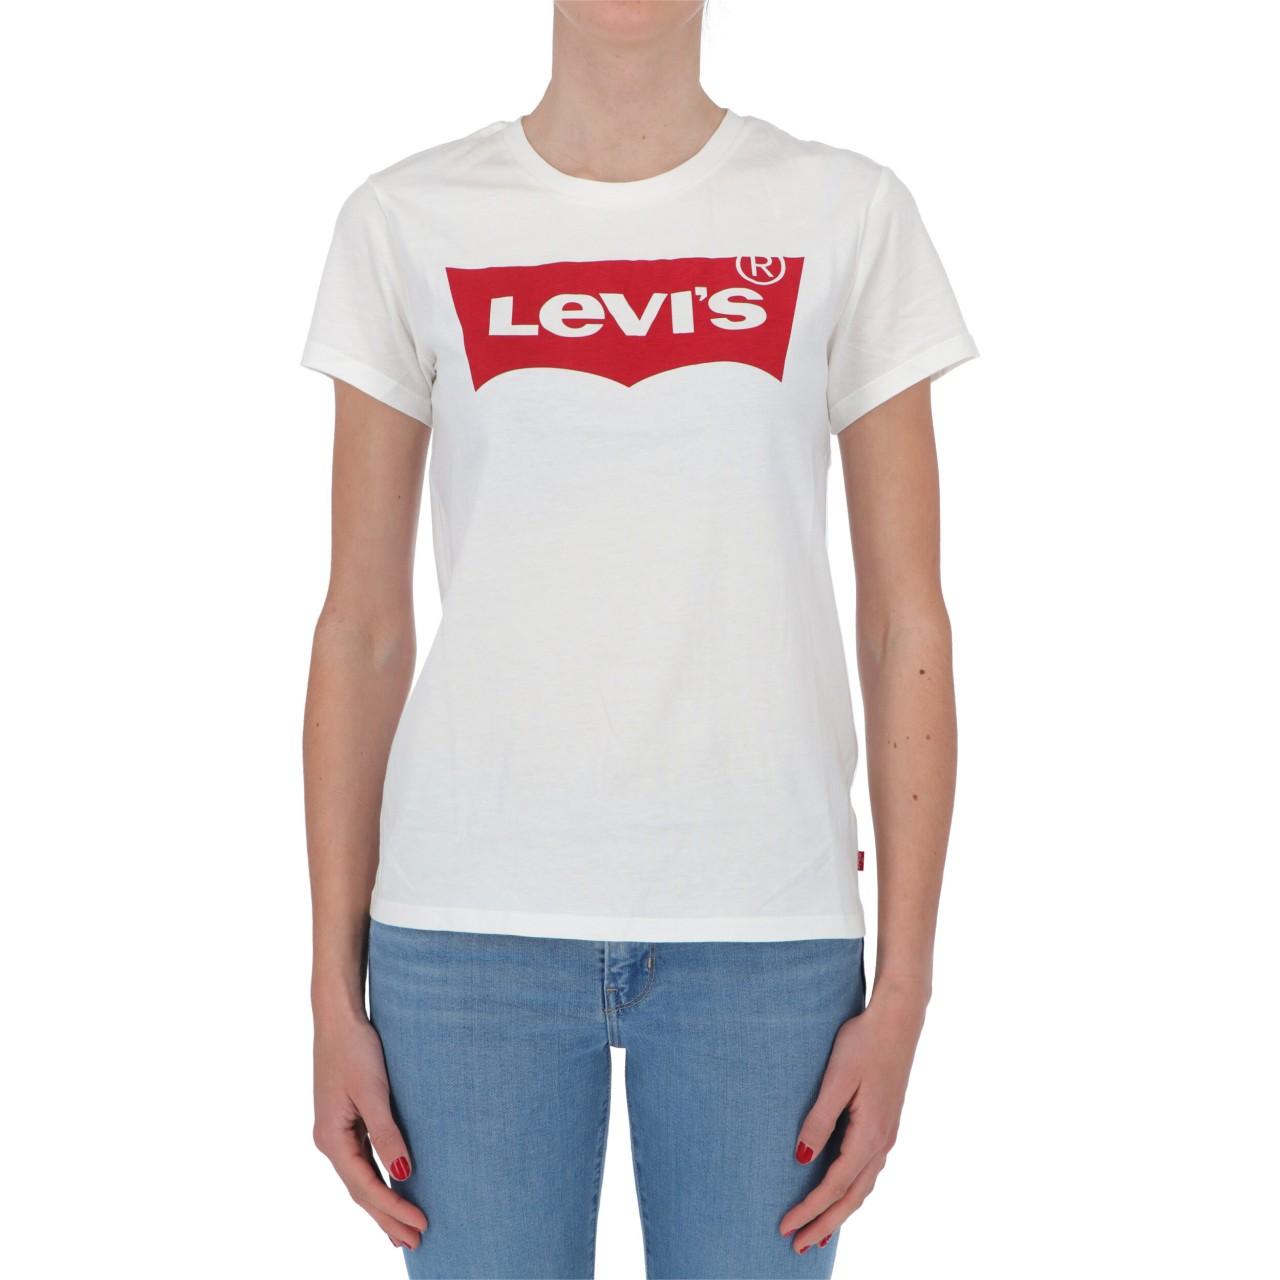 Levi's Donna T-shirt Levi's Donna Batwin Classico 17369P